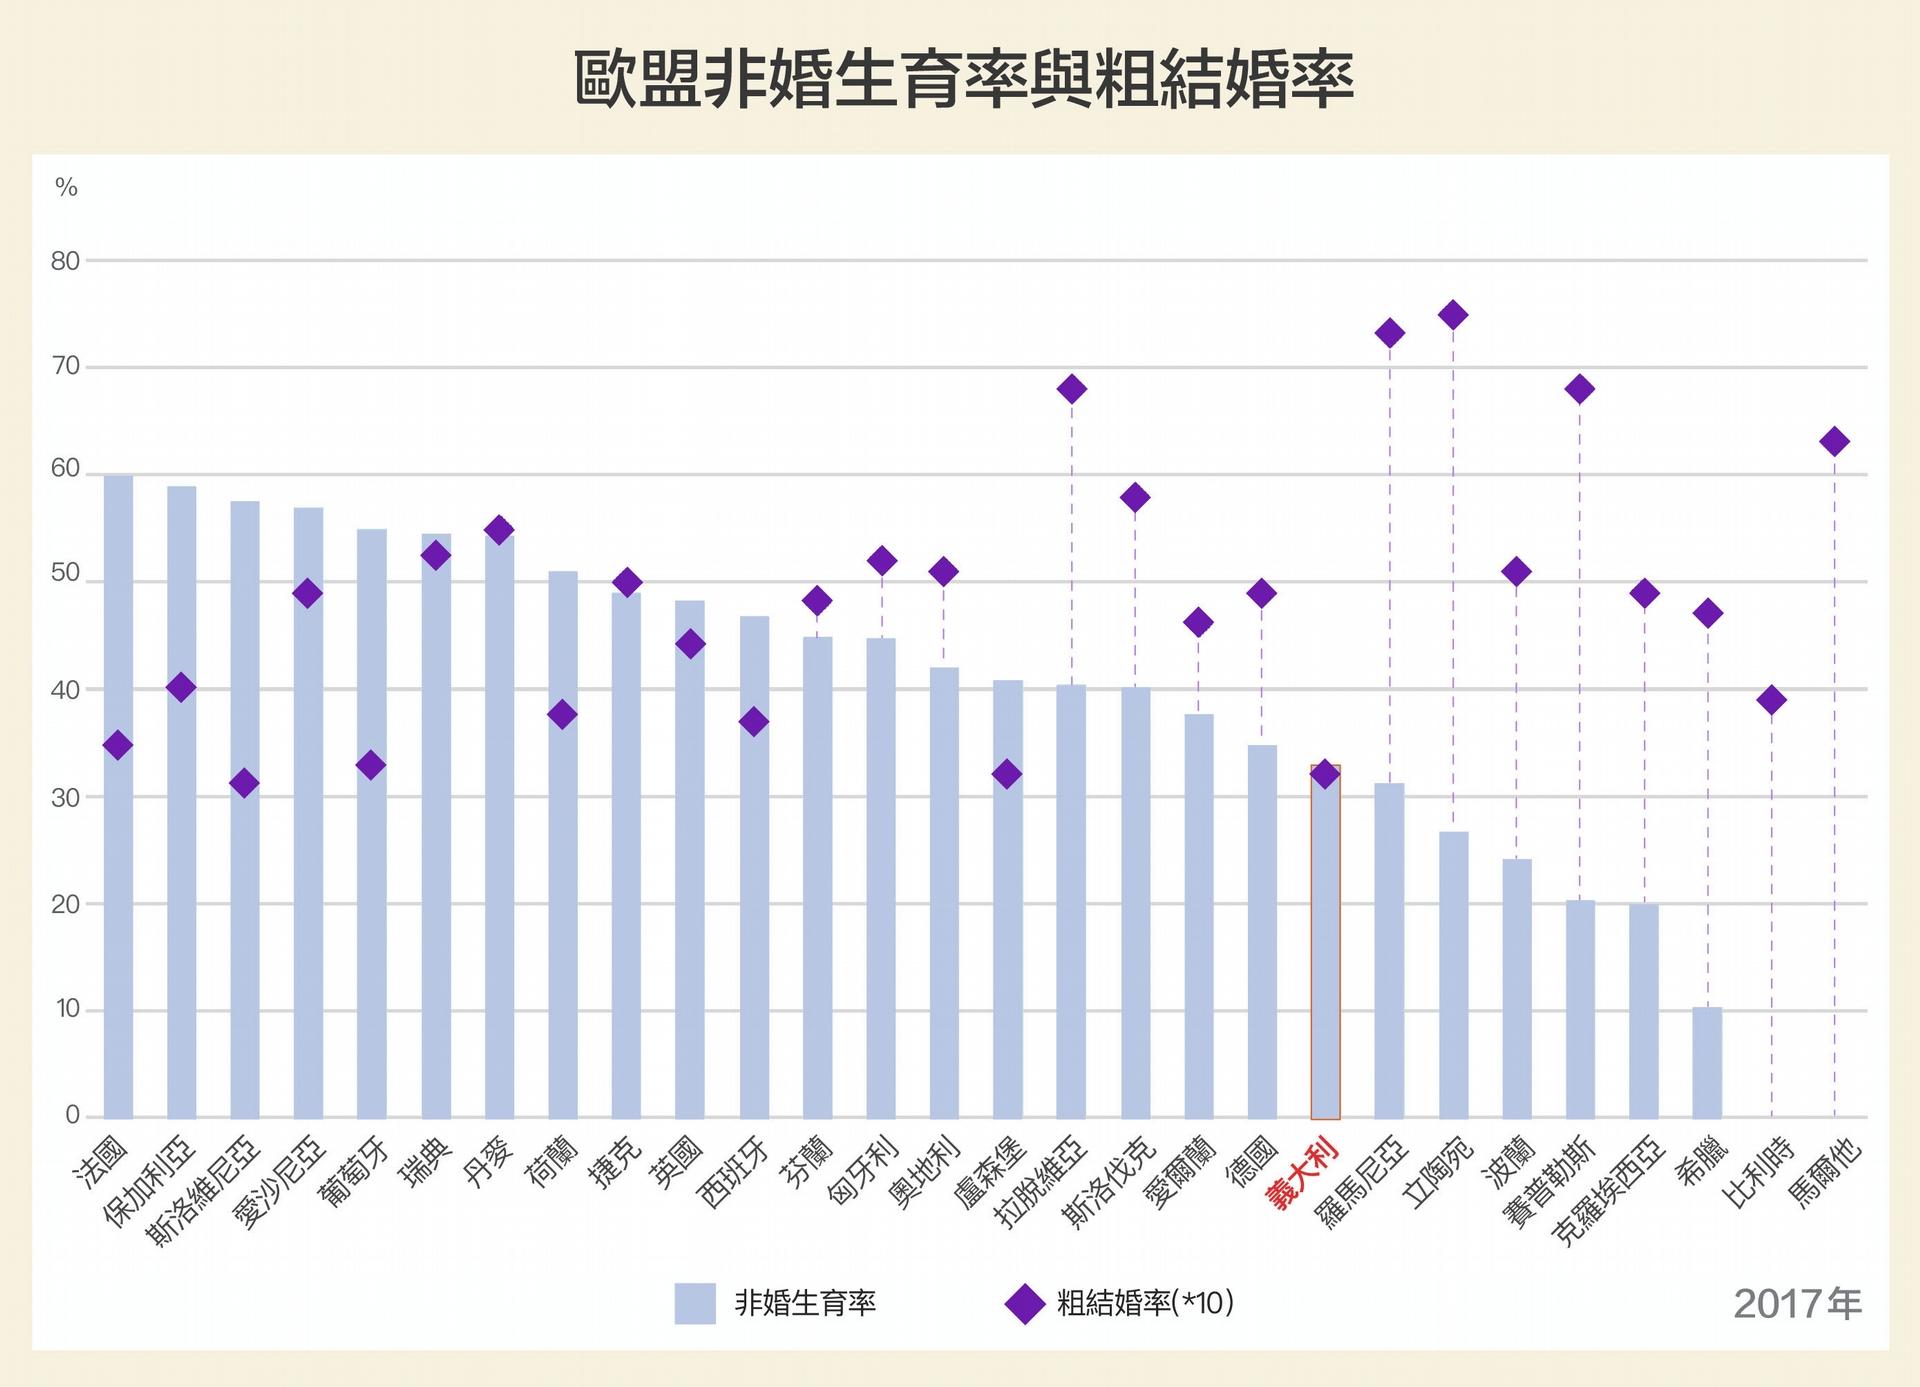 義大利總生育率墊底,結婚率(僅略高於斯洛維尼亞)、非婚生育率也是歐盟末段班。研究發現,三者具有相關性,少子化原因和臺灣相似,背後隱藏著「婚育文化」。 圖│研之有物(資料來源│柯瓊芳)